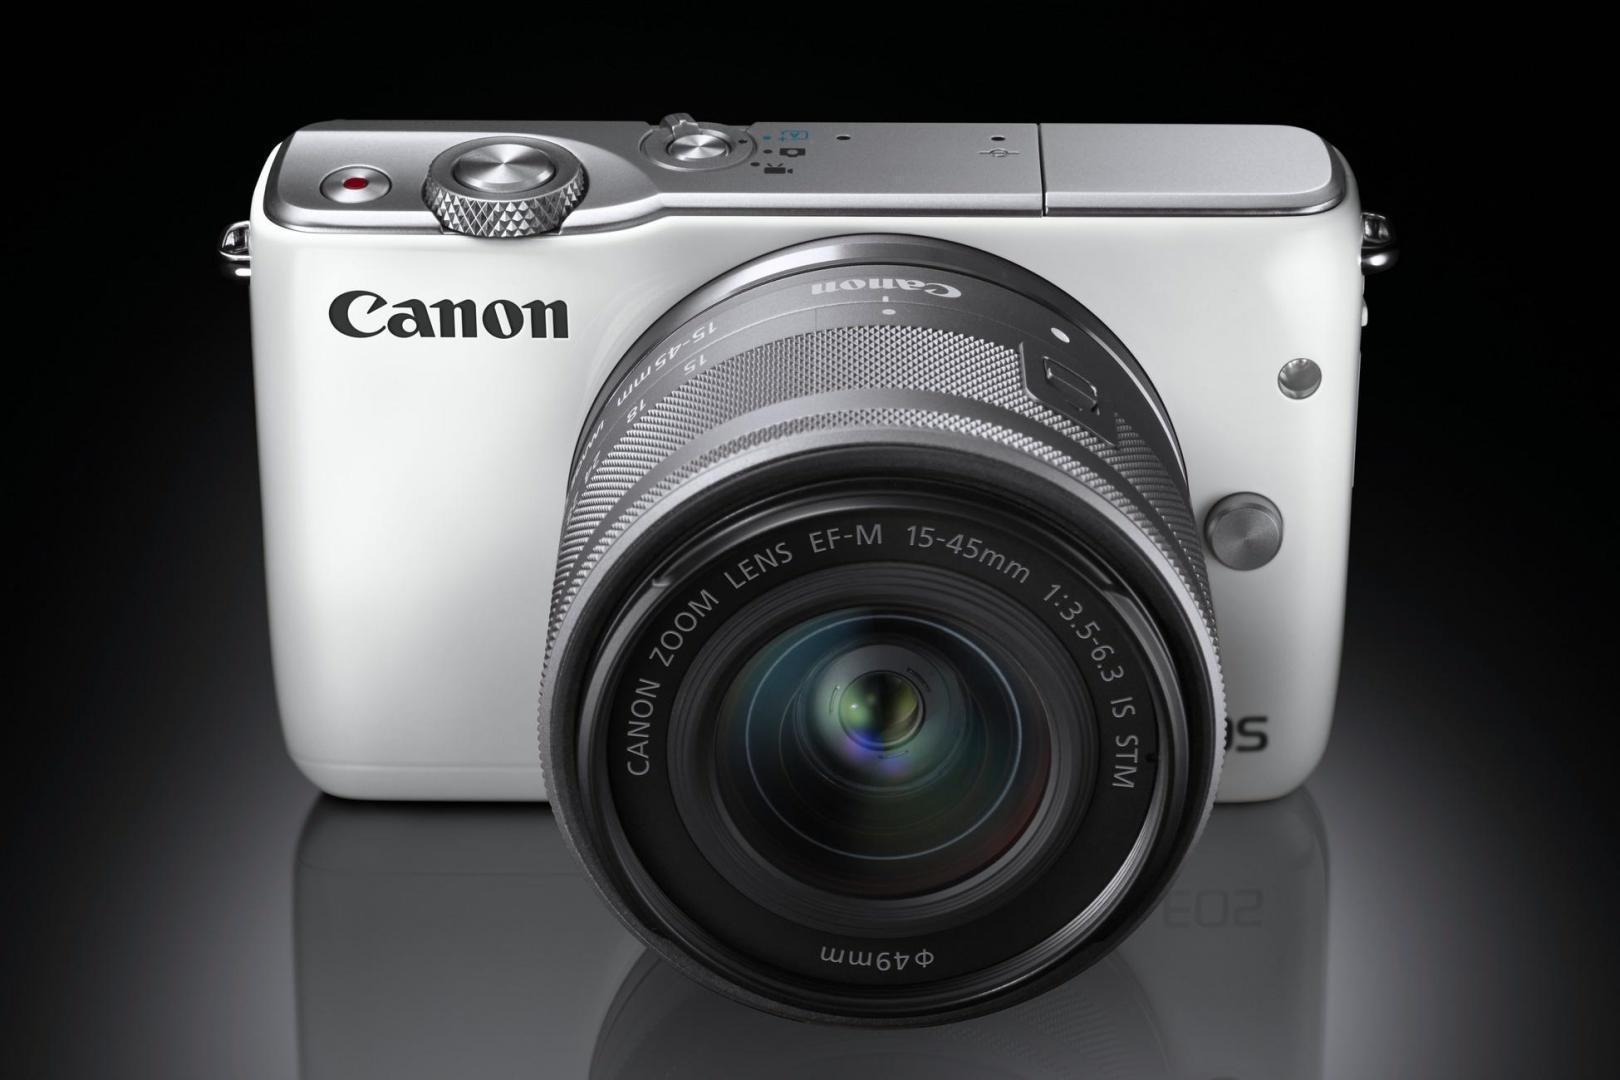 Spiegellose Canon Eos Fr Ein Und Umsteiger Digitalphoto M10 Kit 15 45 Is Stm M 10 Die